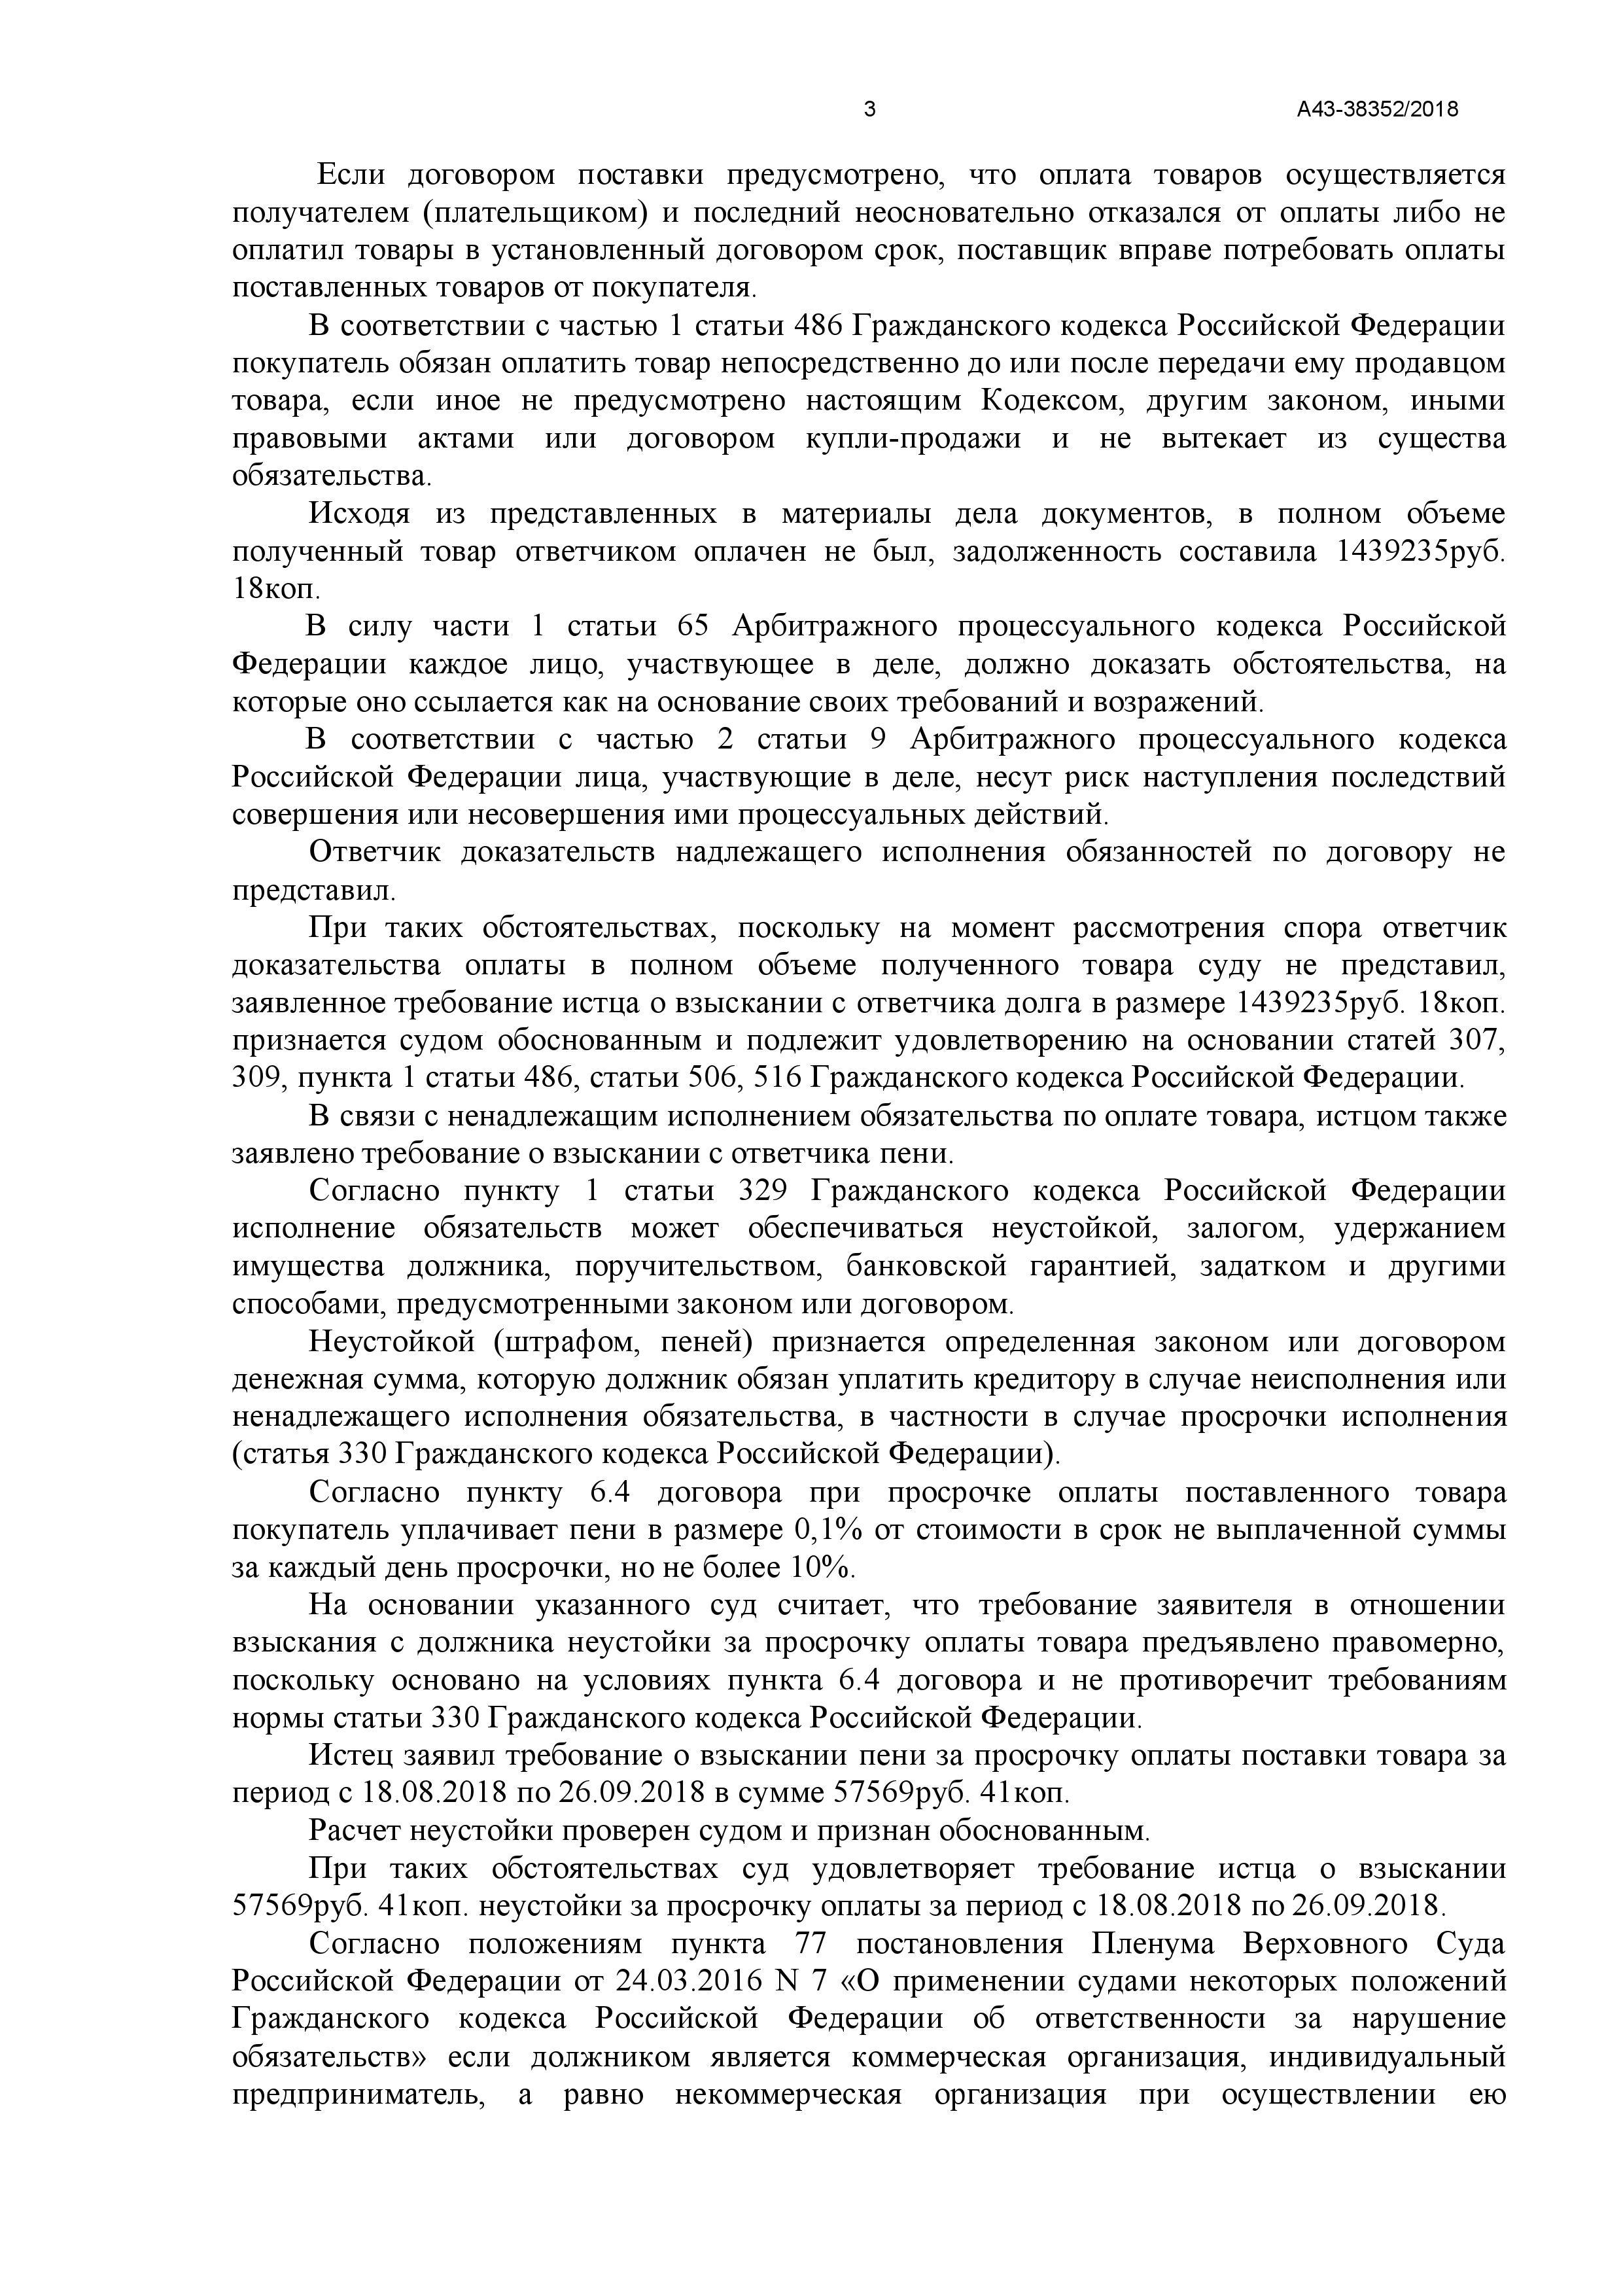 Взыскание задолженности по договору поставки 2